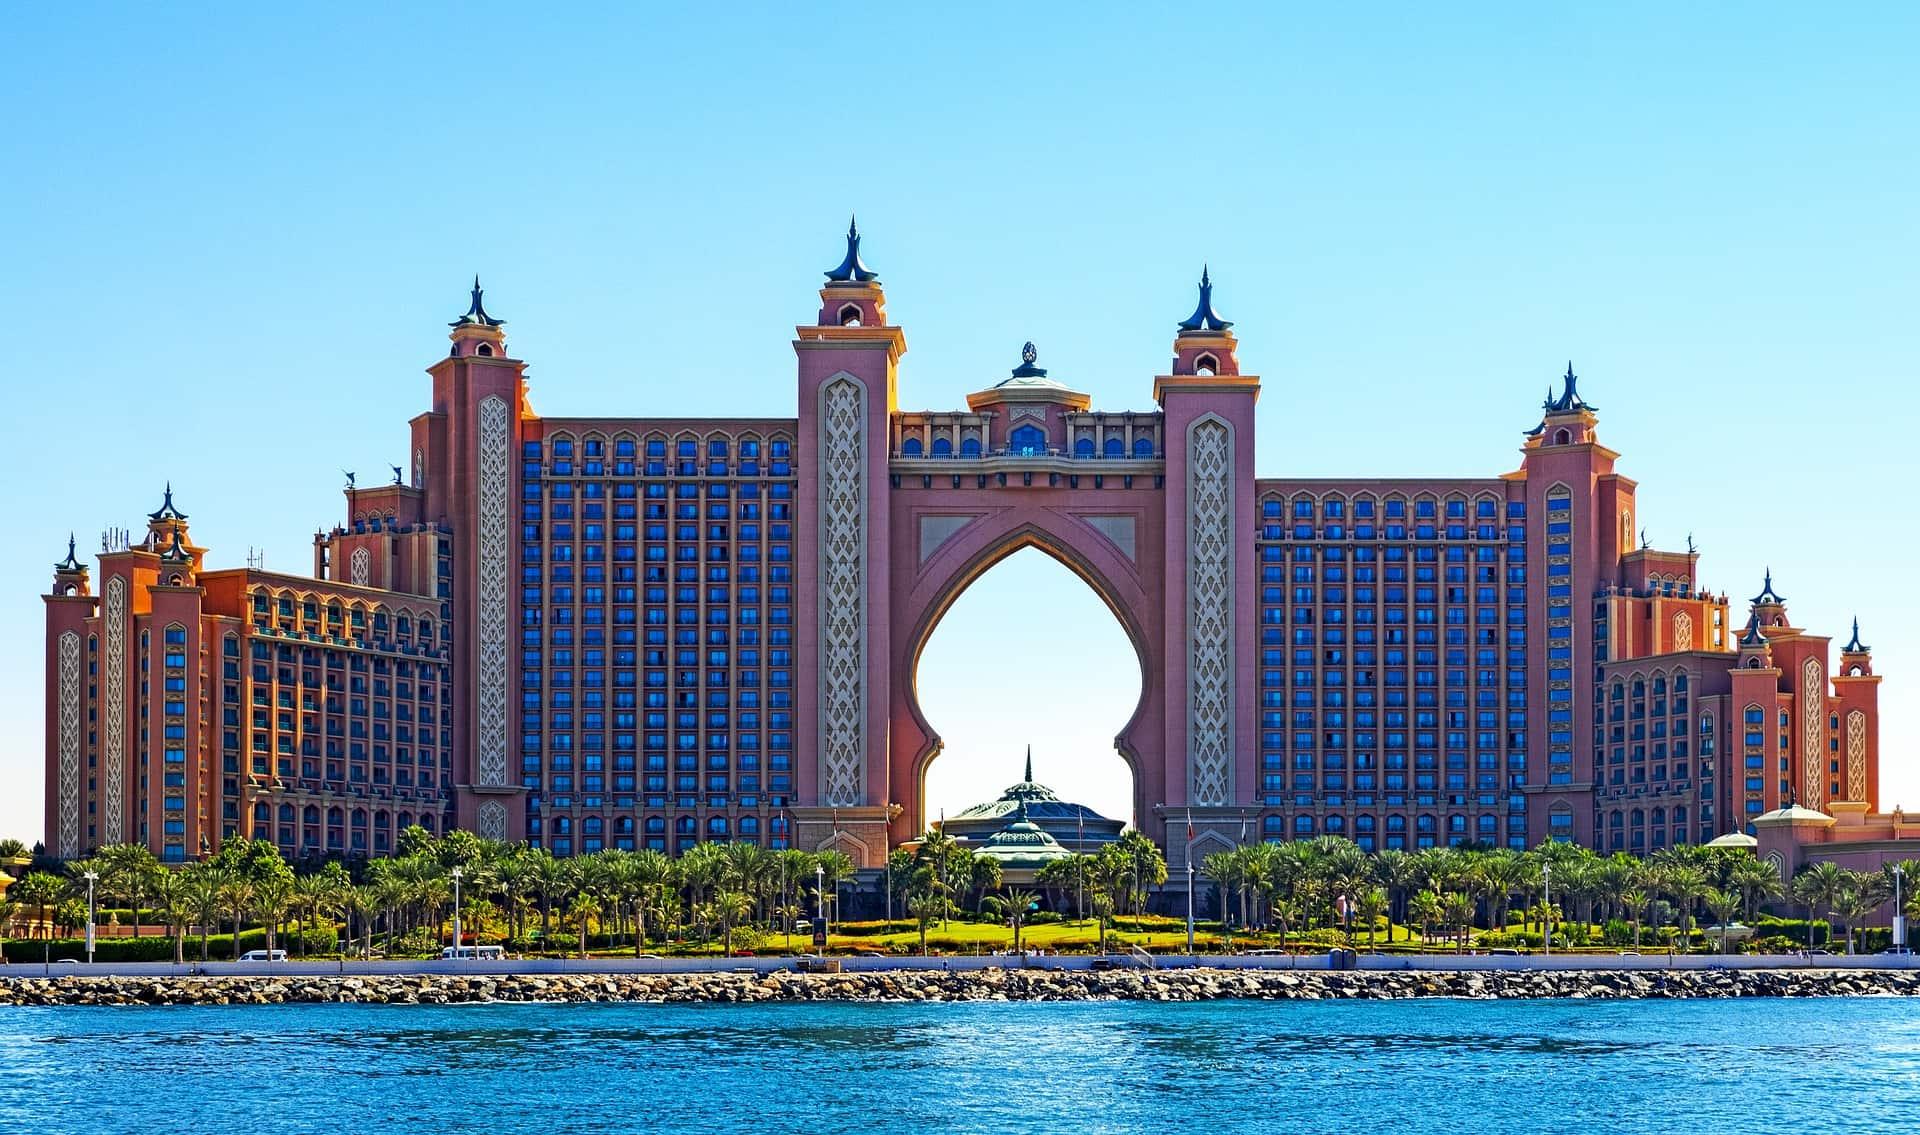 Atlantis Jumeirah das luxoriöste Hotel auf der Insel